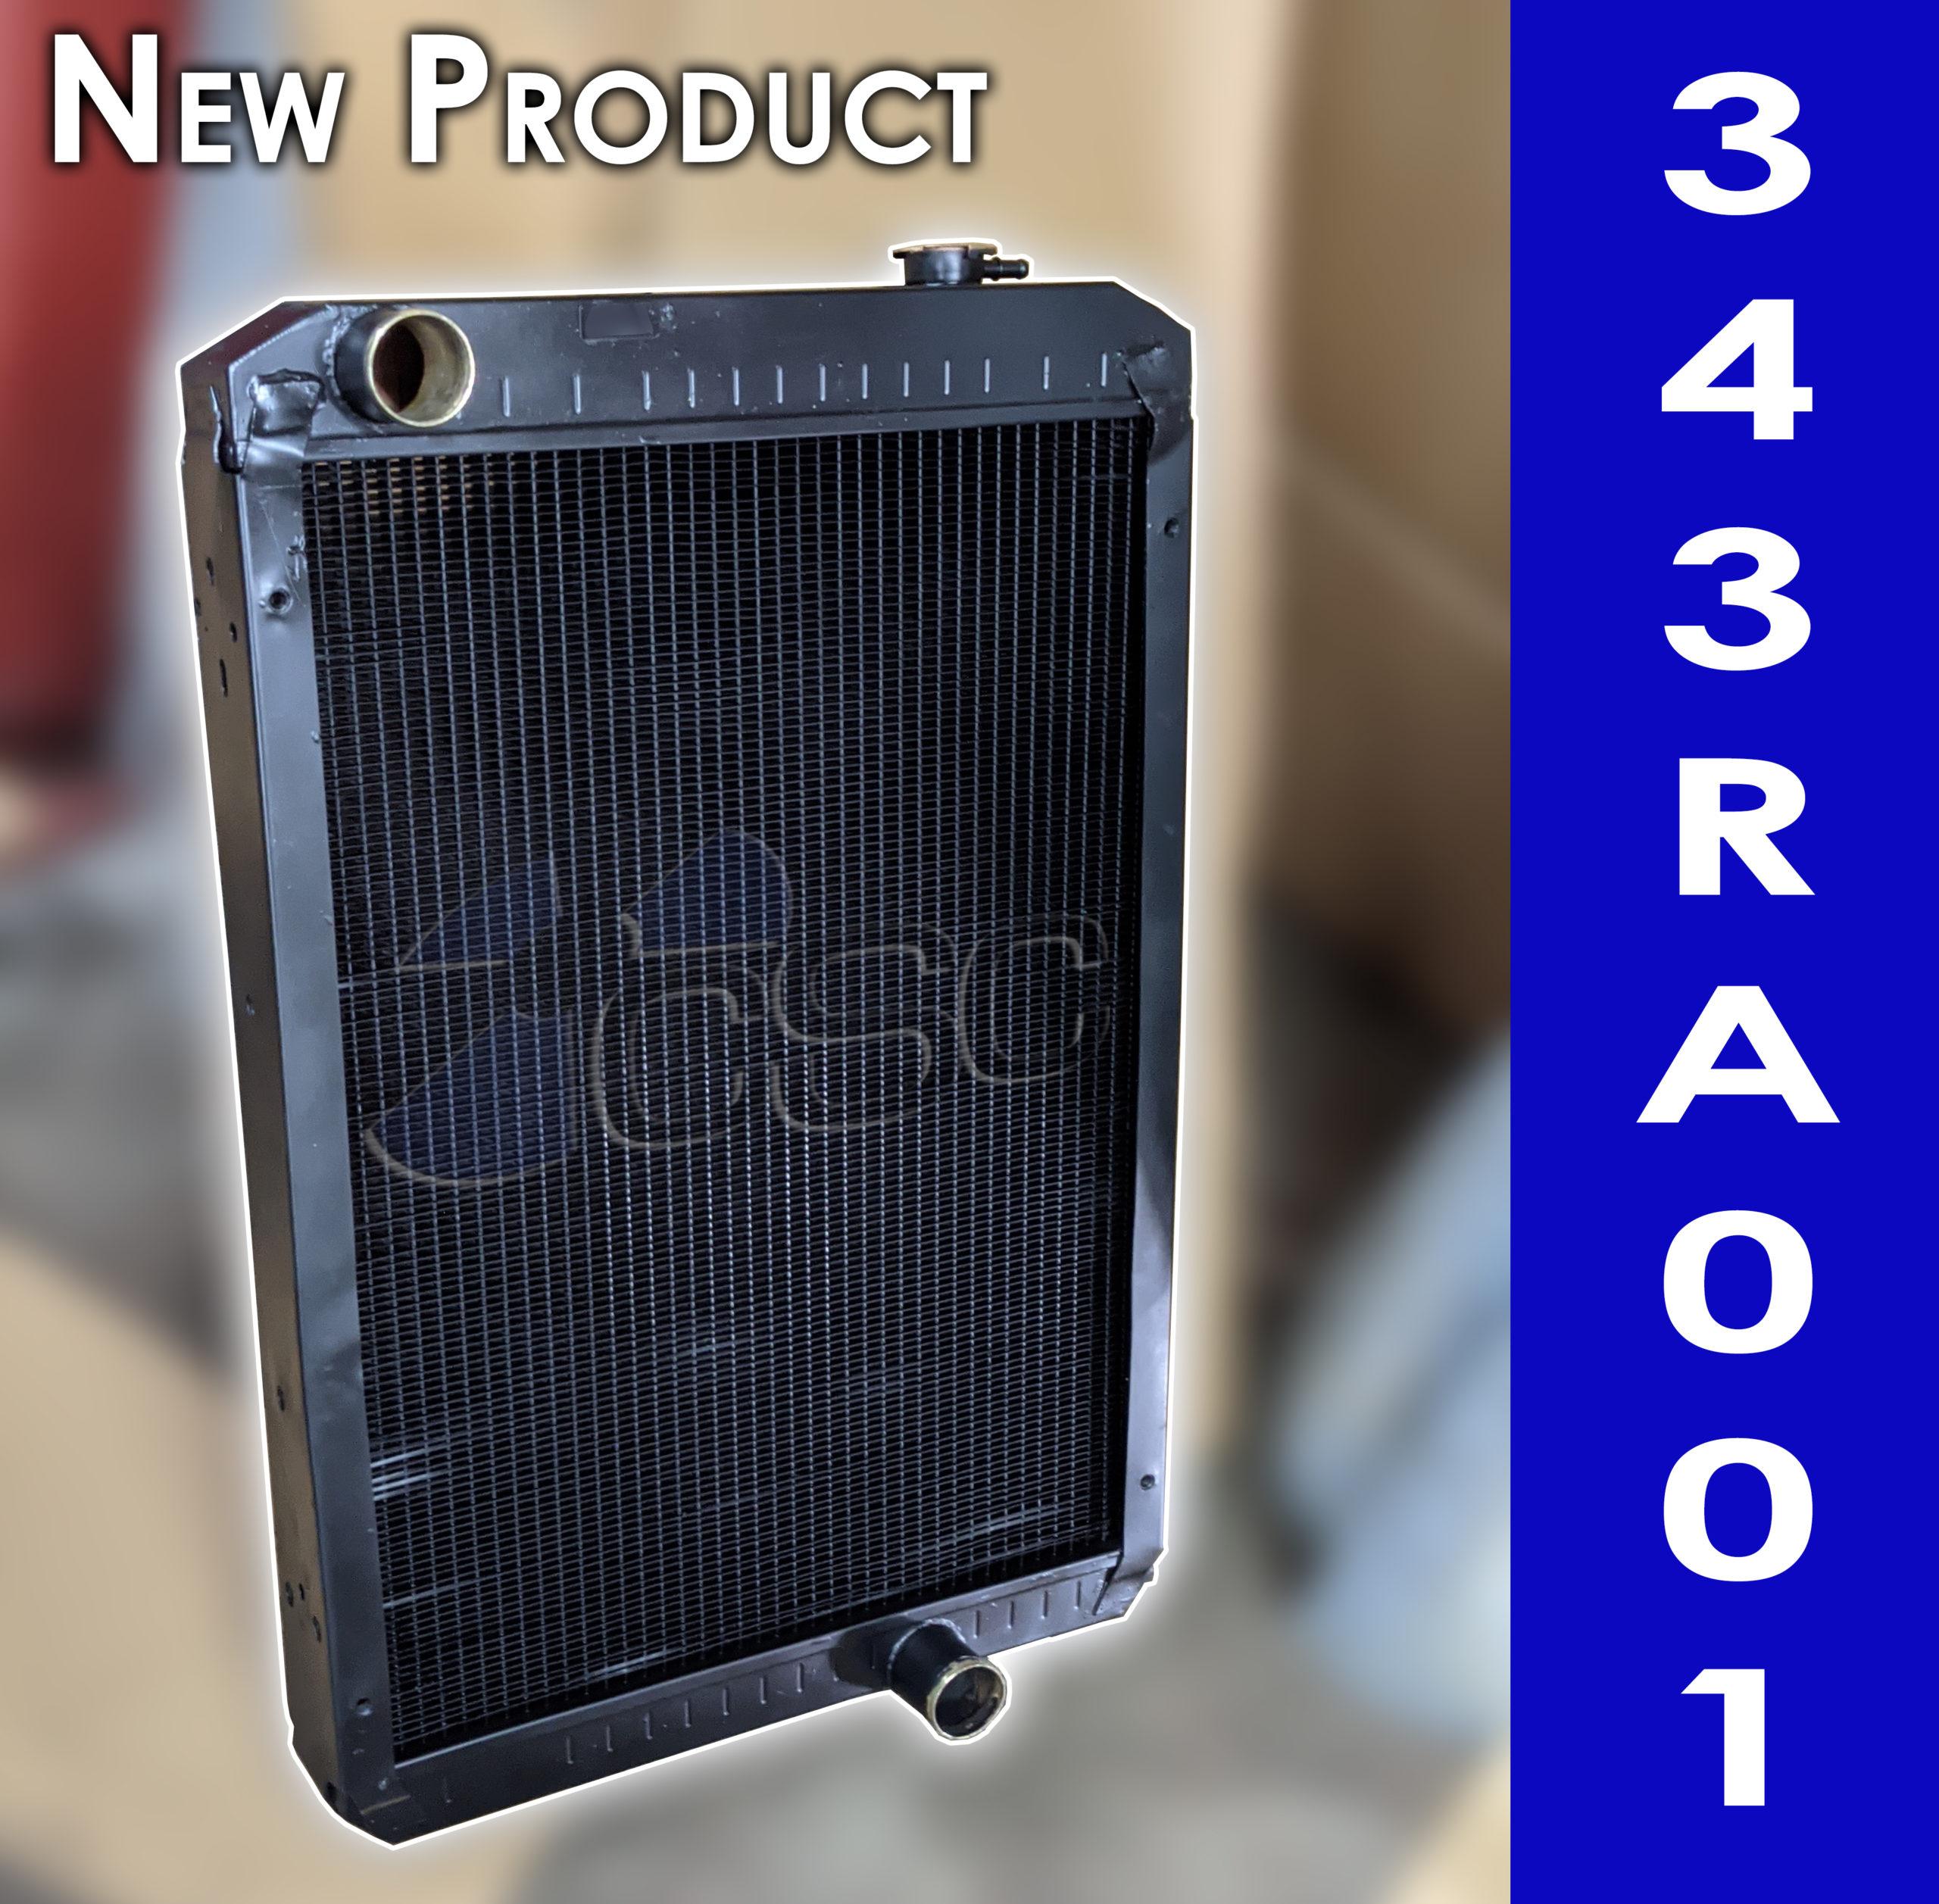 New 343RA001 radiator for John Deere 310G Backhoe Loader